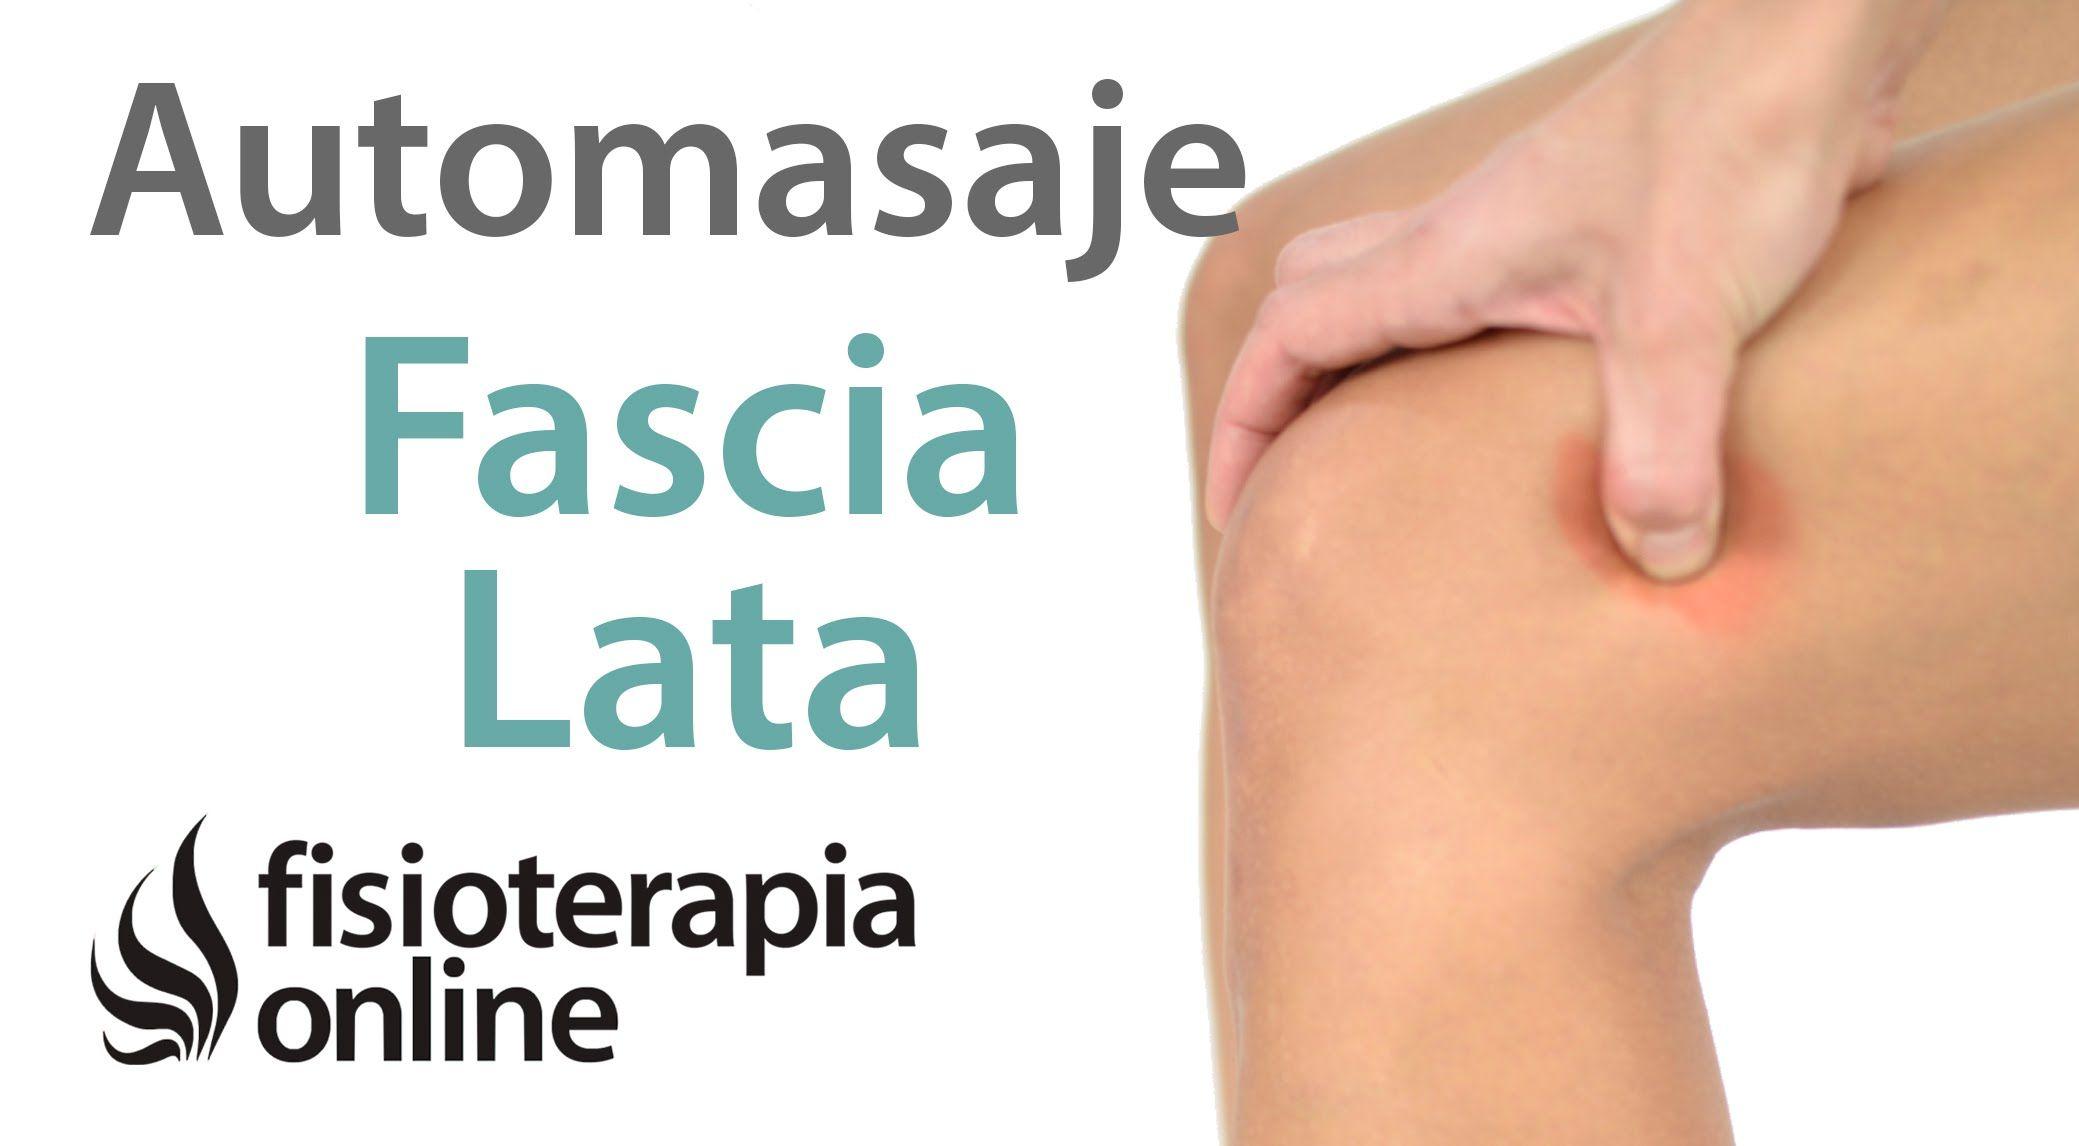 Tendinitis Del Músculo Tensor De La Fascia Lata Auto Masaje Para Su Tra Automasaje Ejercicios Para Rodillas Y Tendinitis